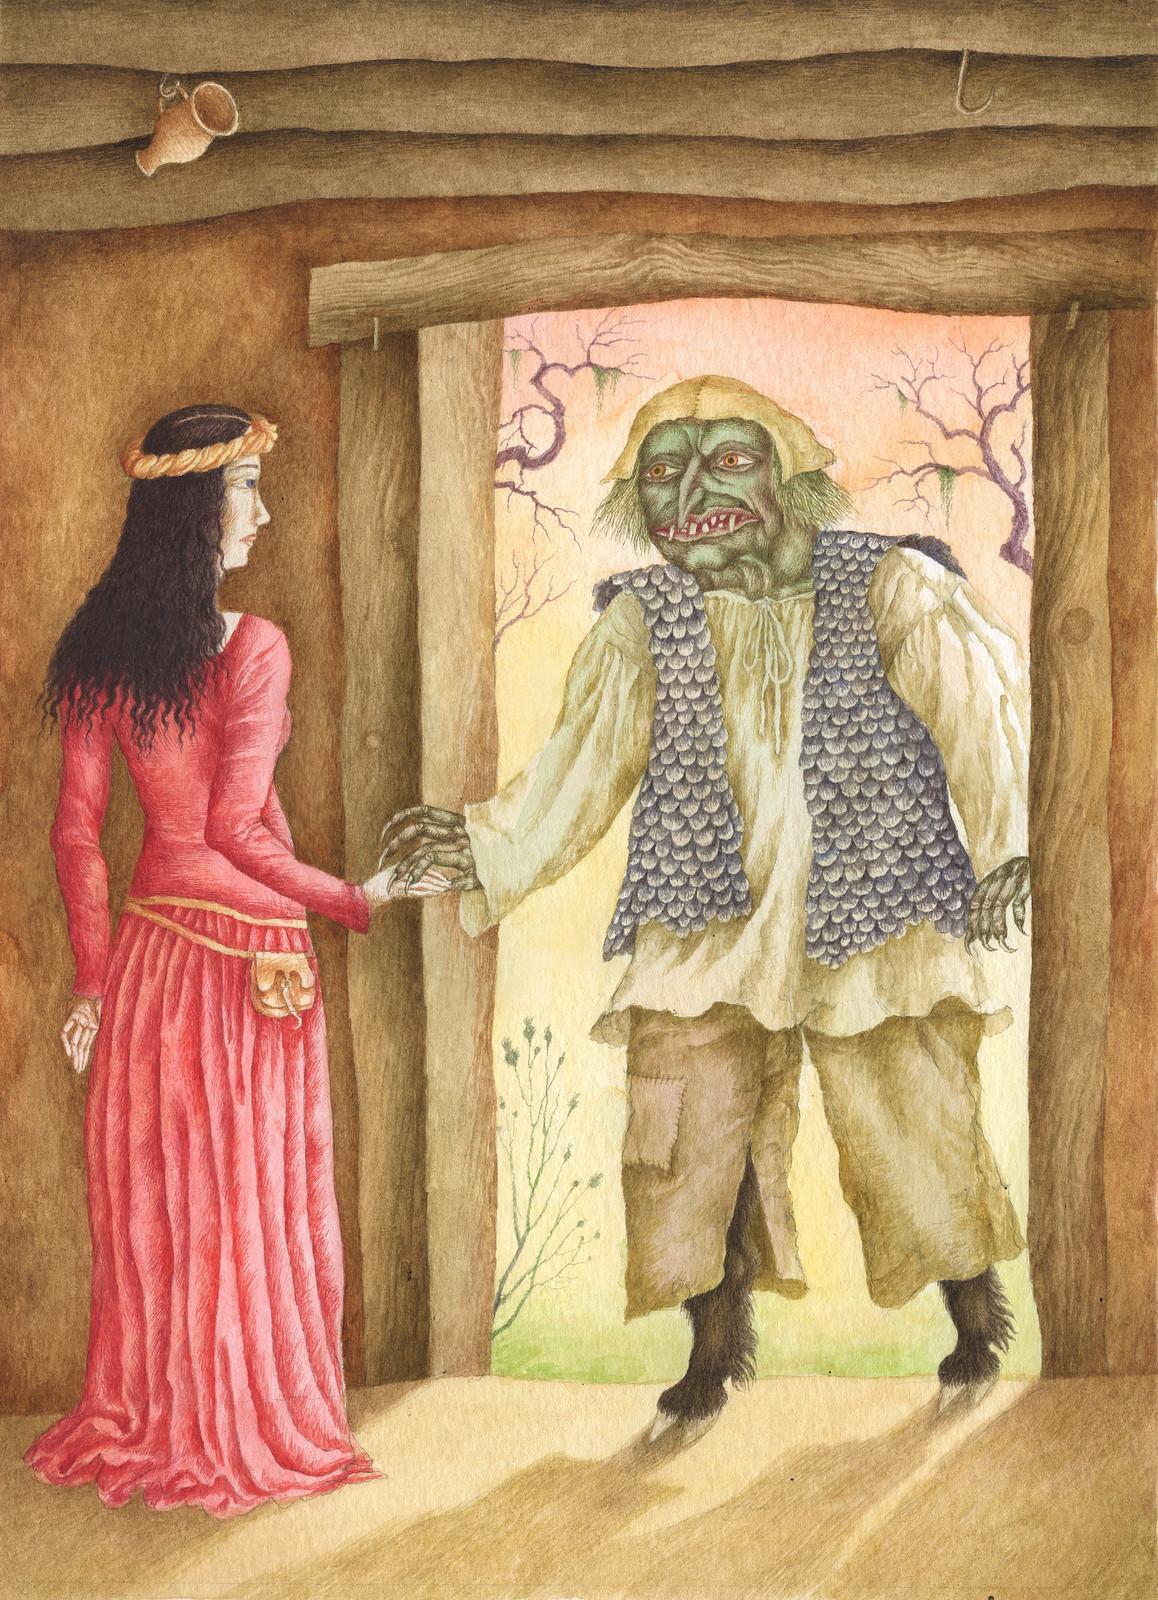 Jindra Capek - Tales of the Vikings, Illustration 2